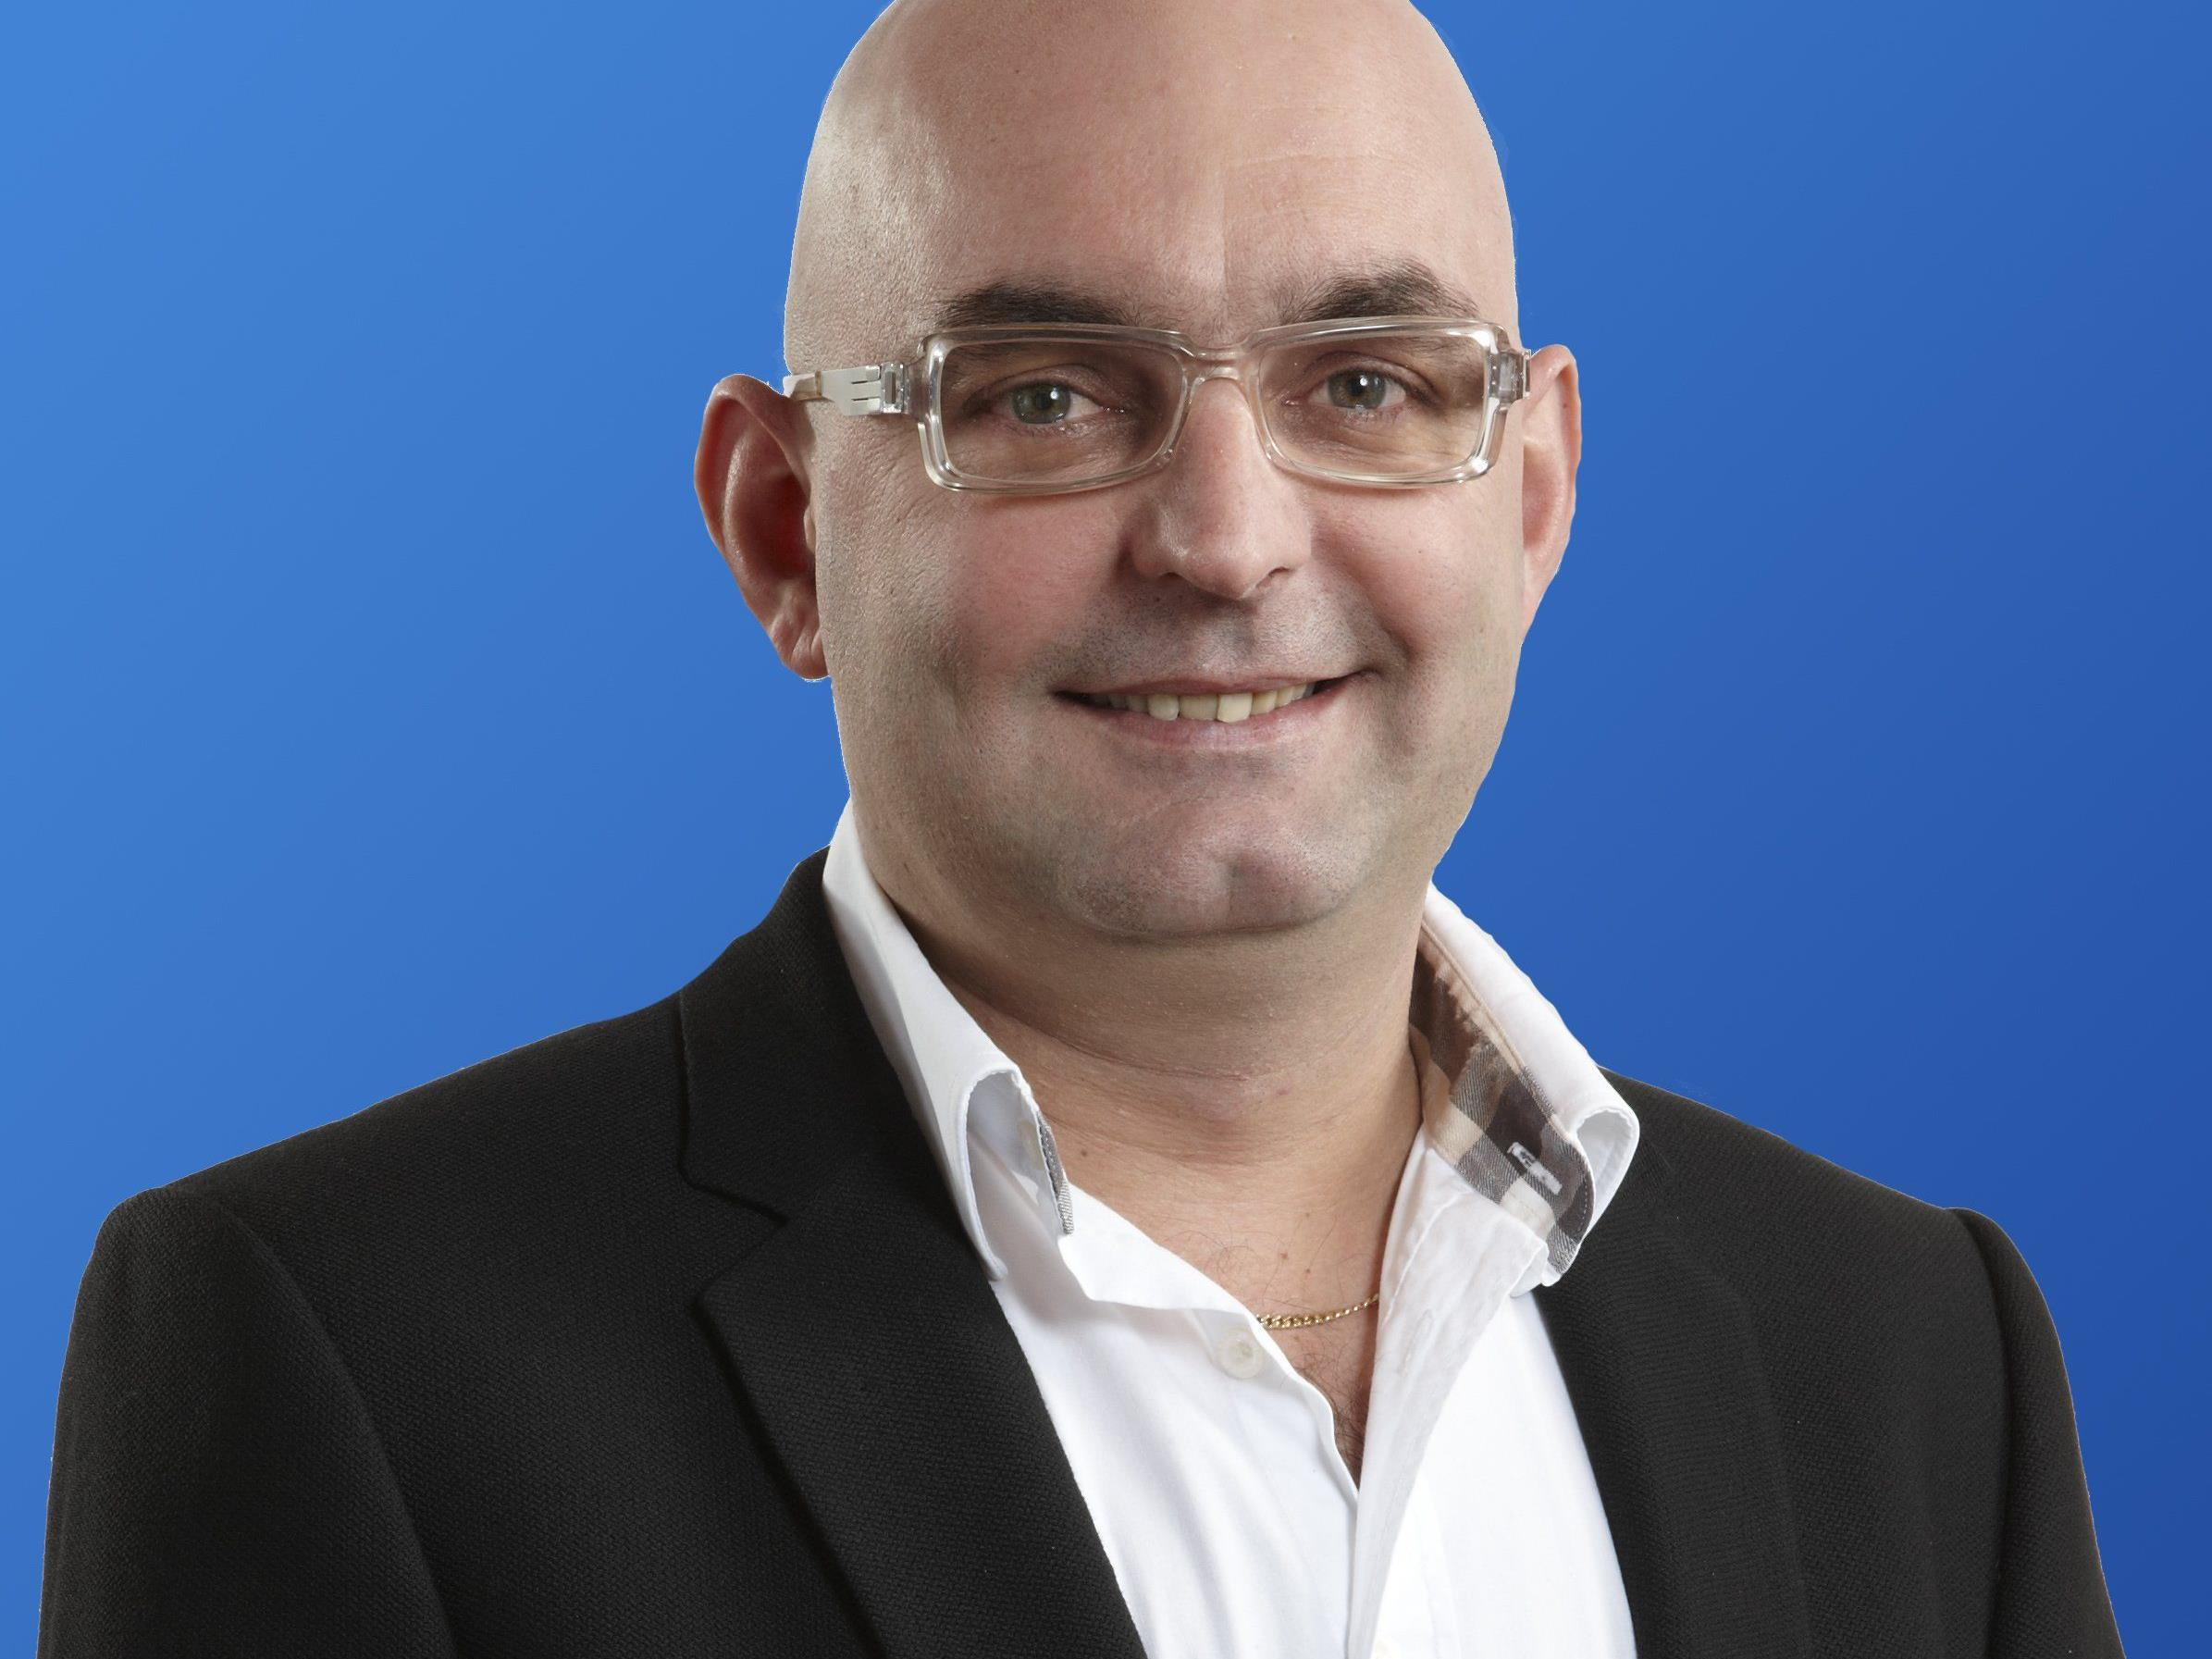 Markus Gritschacher